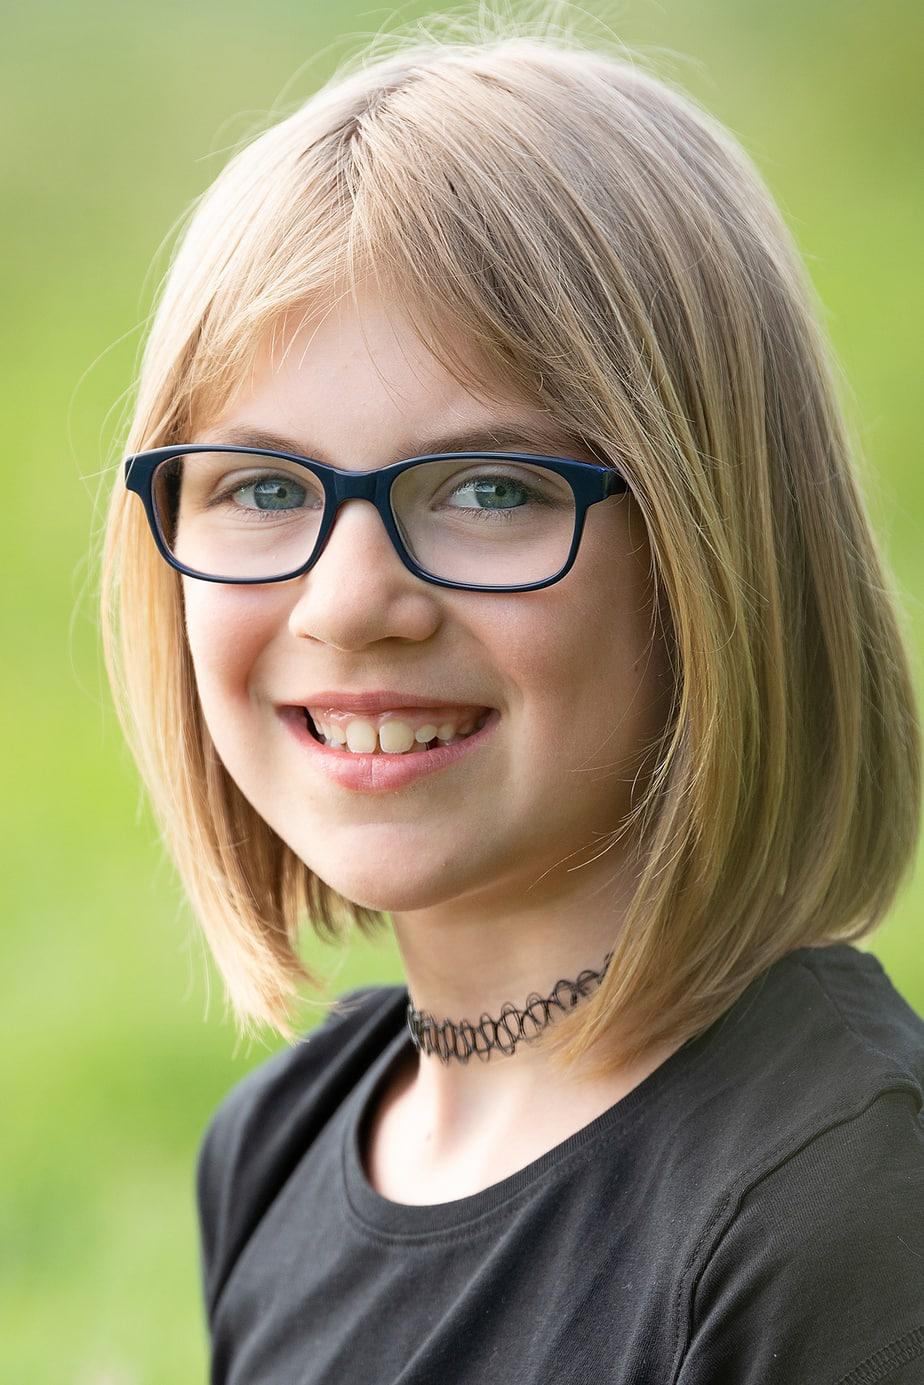 Portraitfotografie von Jugendlichen